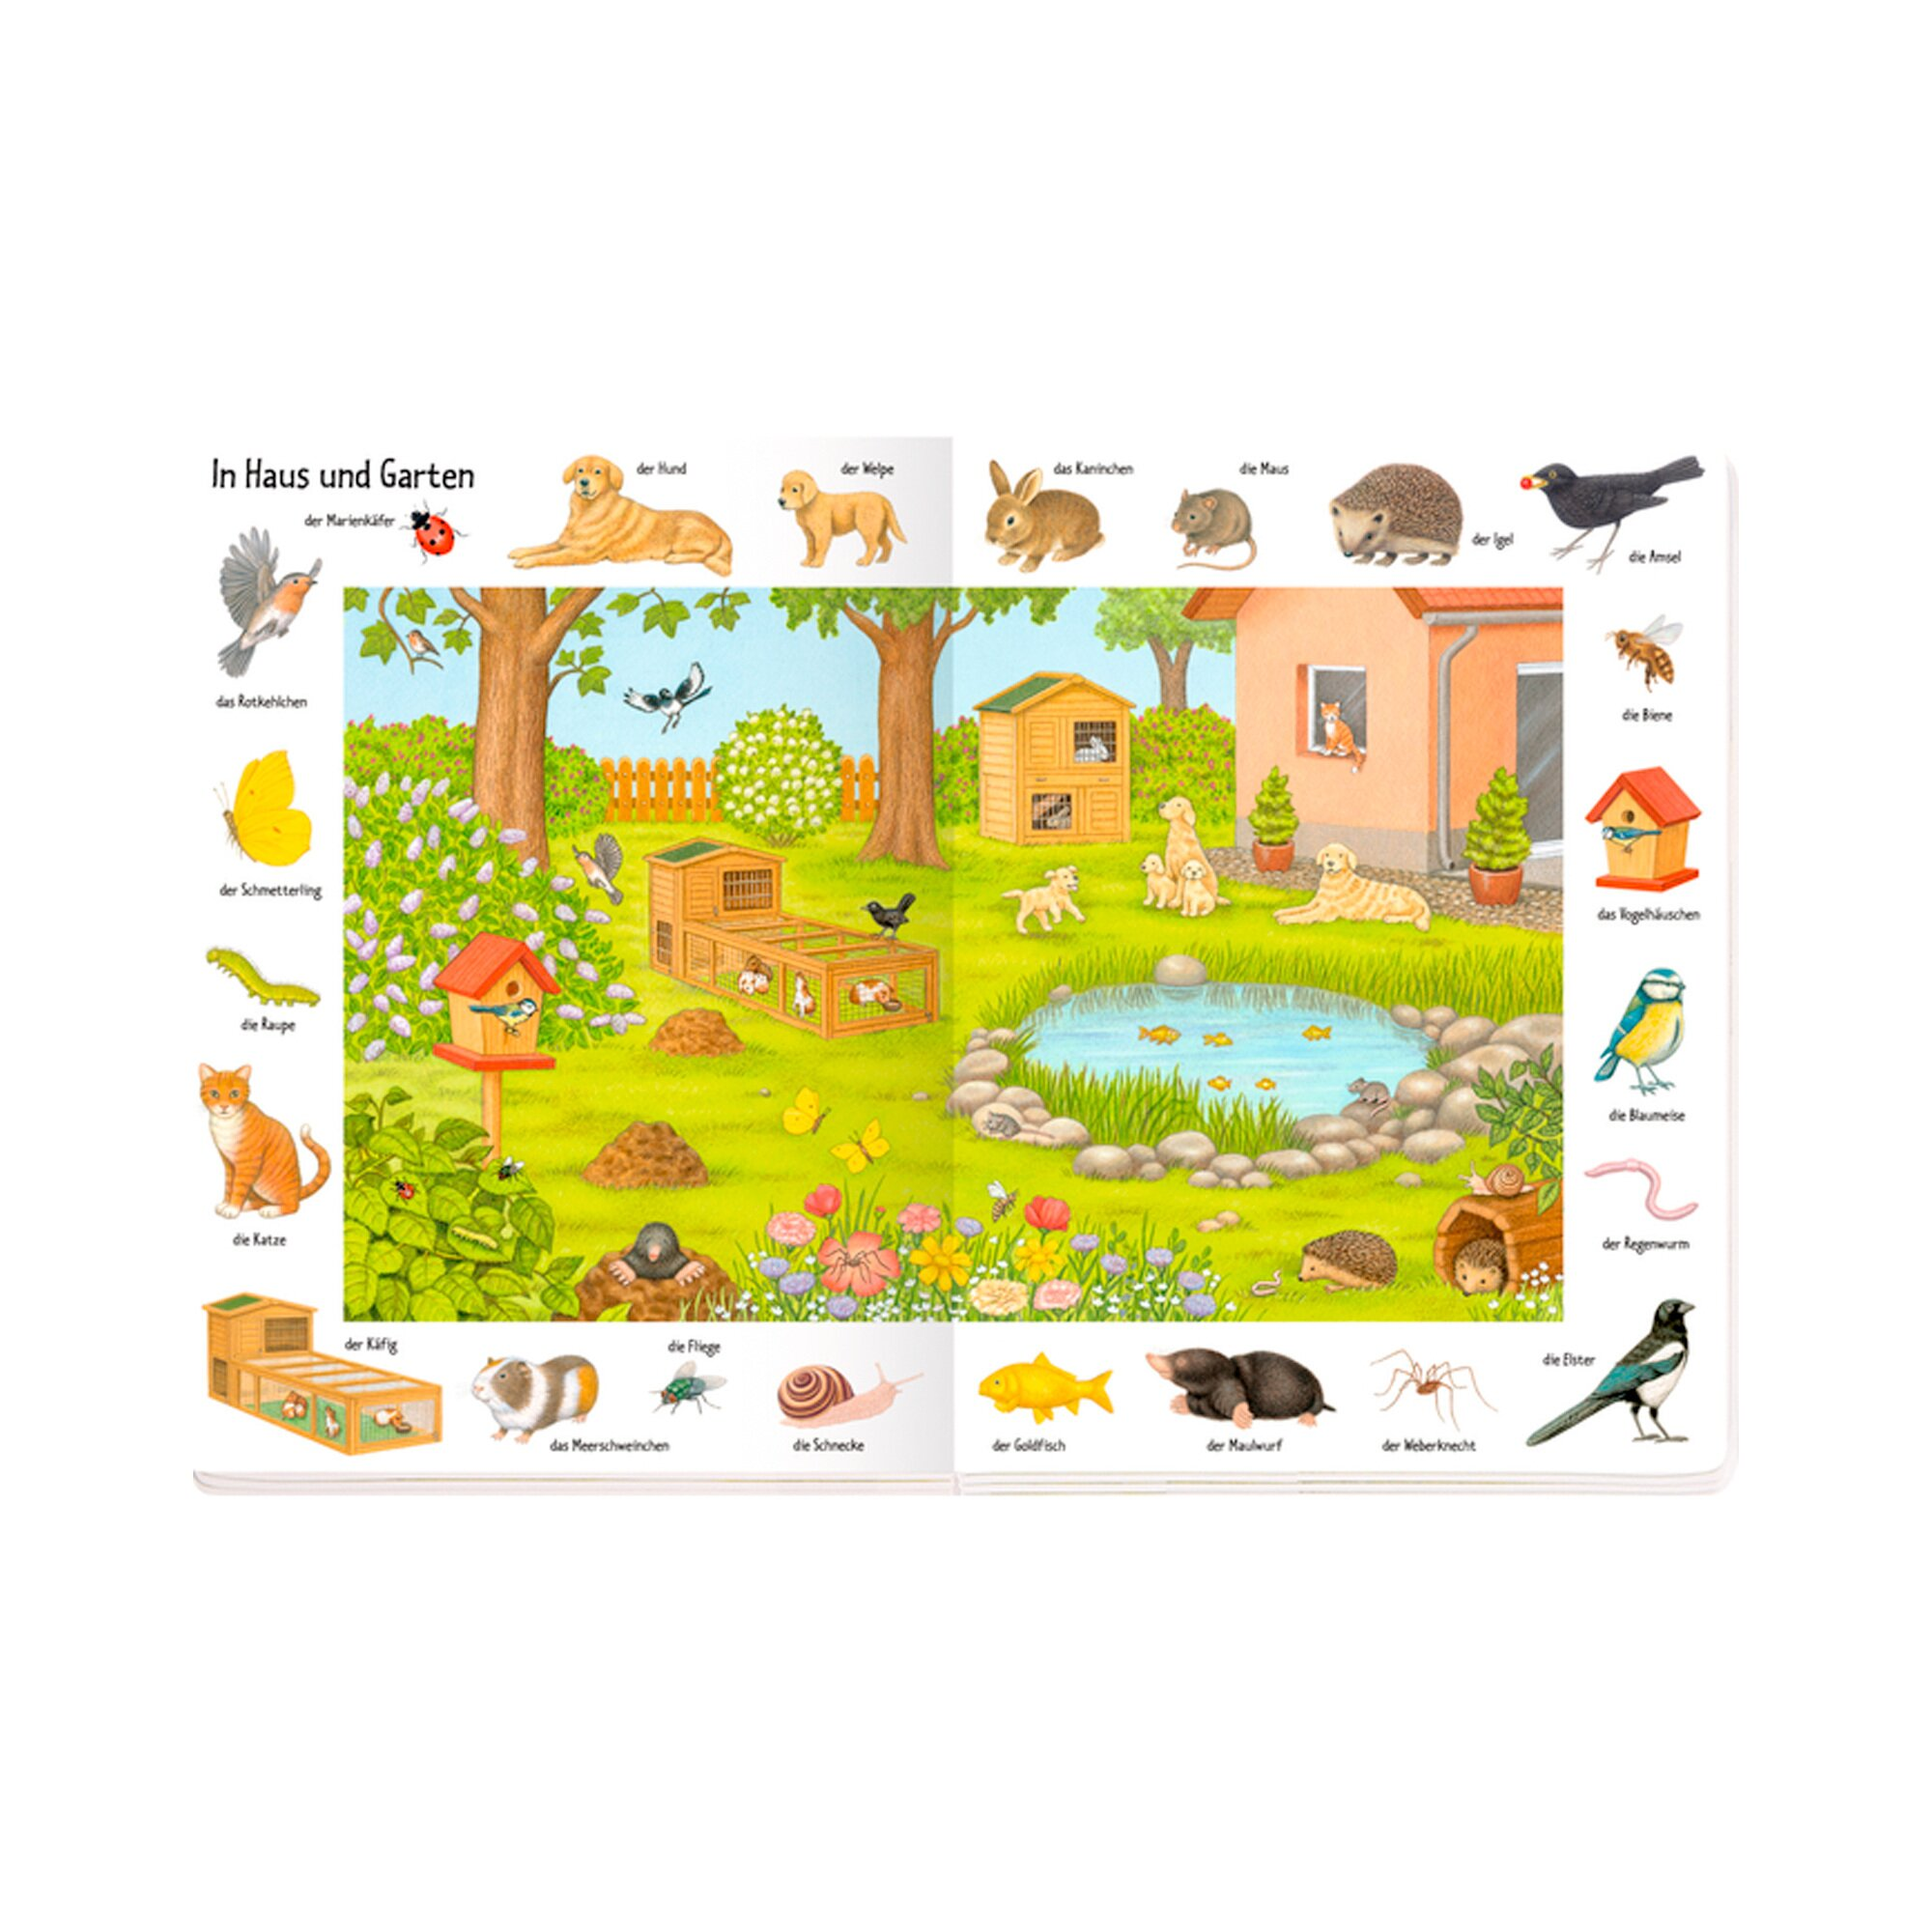 coppenrath-die-spiegelburg-pappbilderbuch-bilder-suchen-worter-finden-so-vielen-tiere